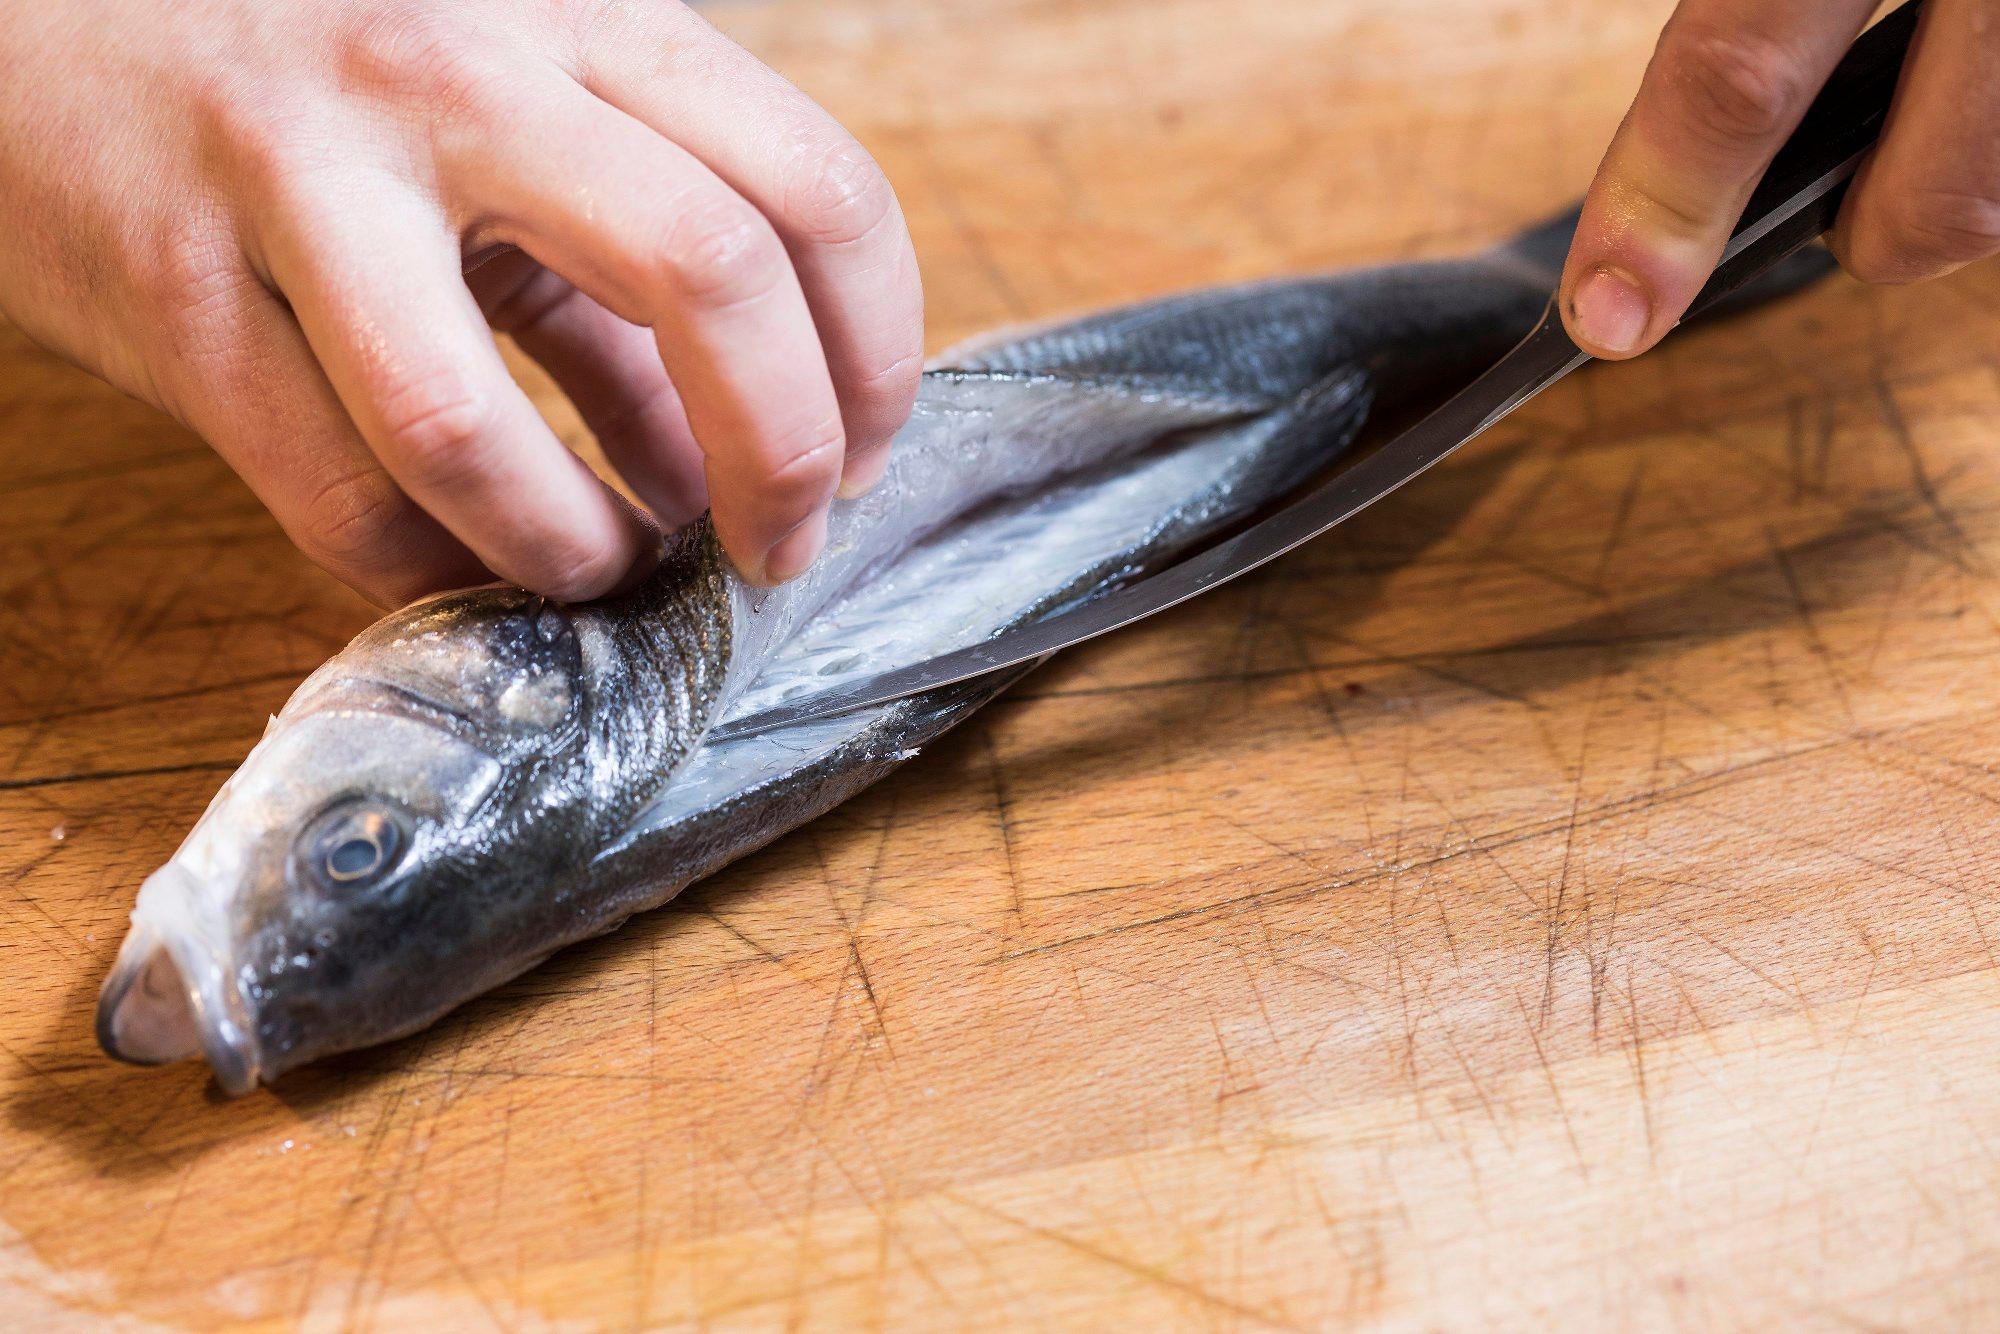 Zagreb, 060218. Jurisiceva. Skola kuhanja Gastronomadi. Filetiranje i kuhanje ribe Cromaris. Foto: Biljana Blivajs / CROPIX